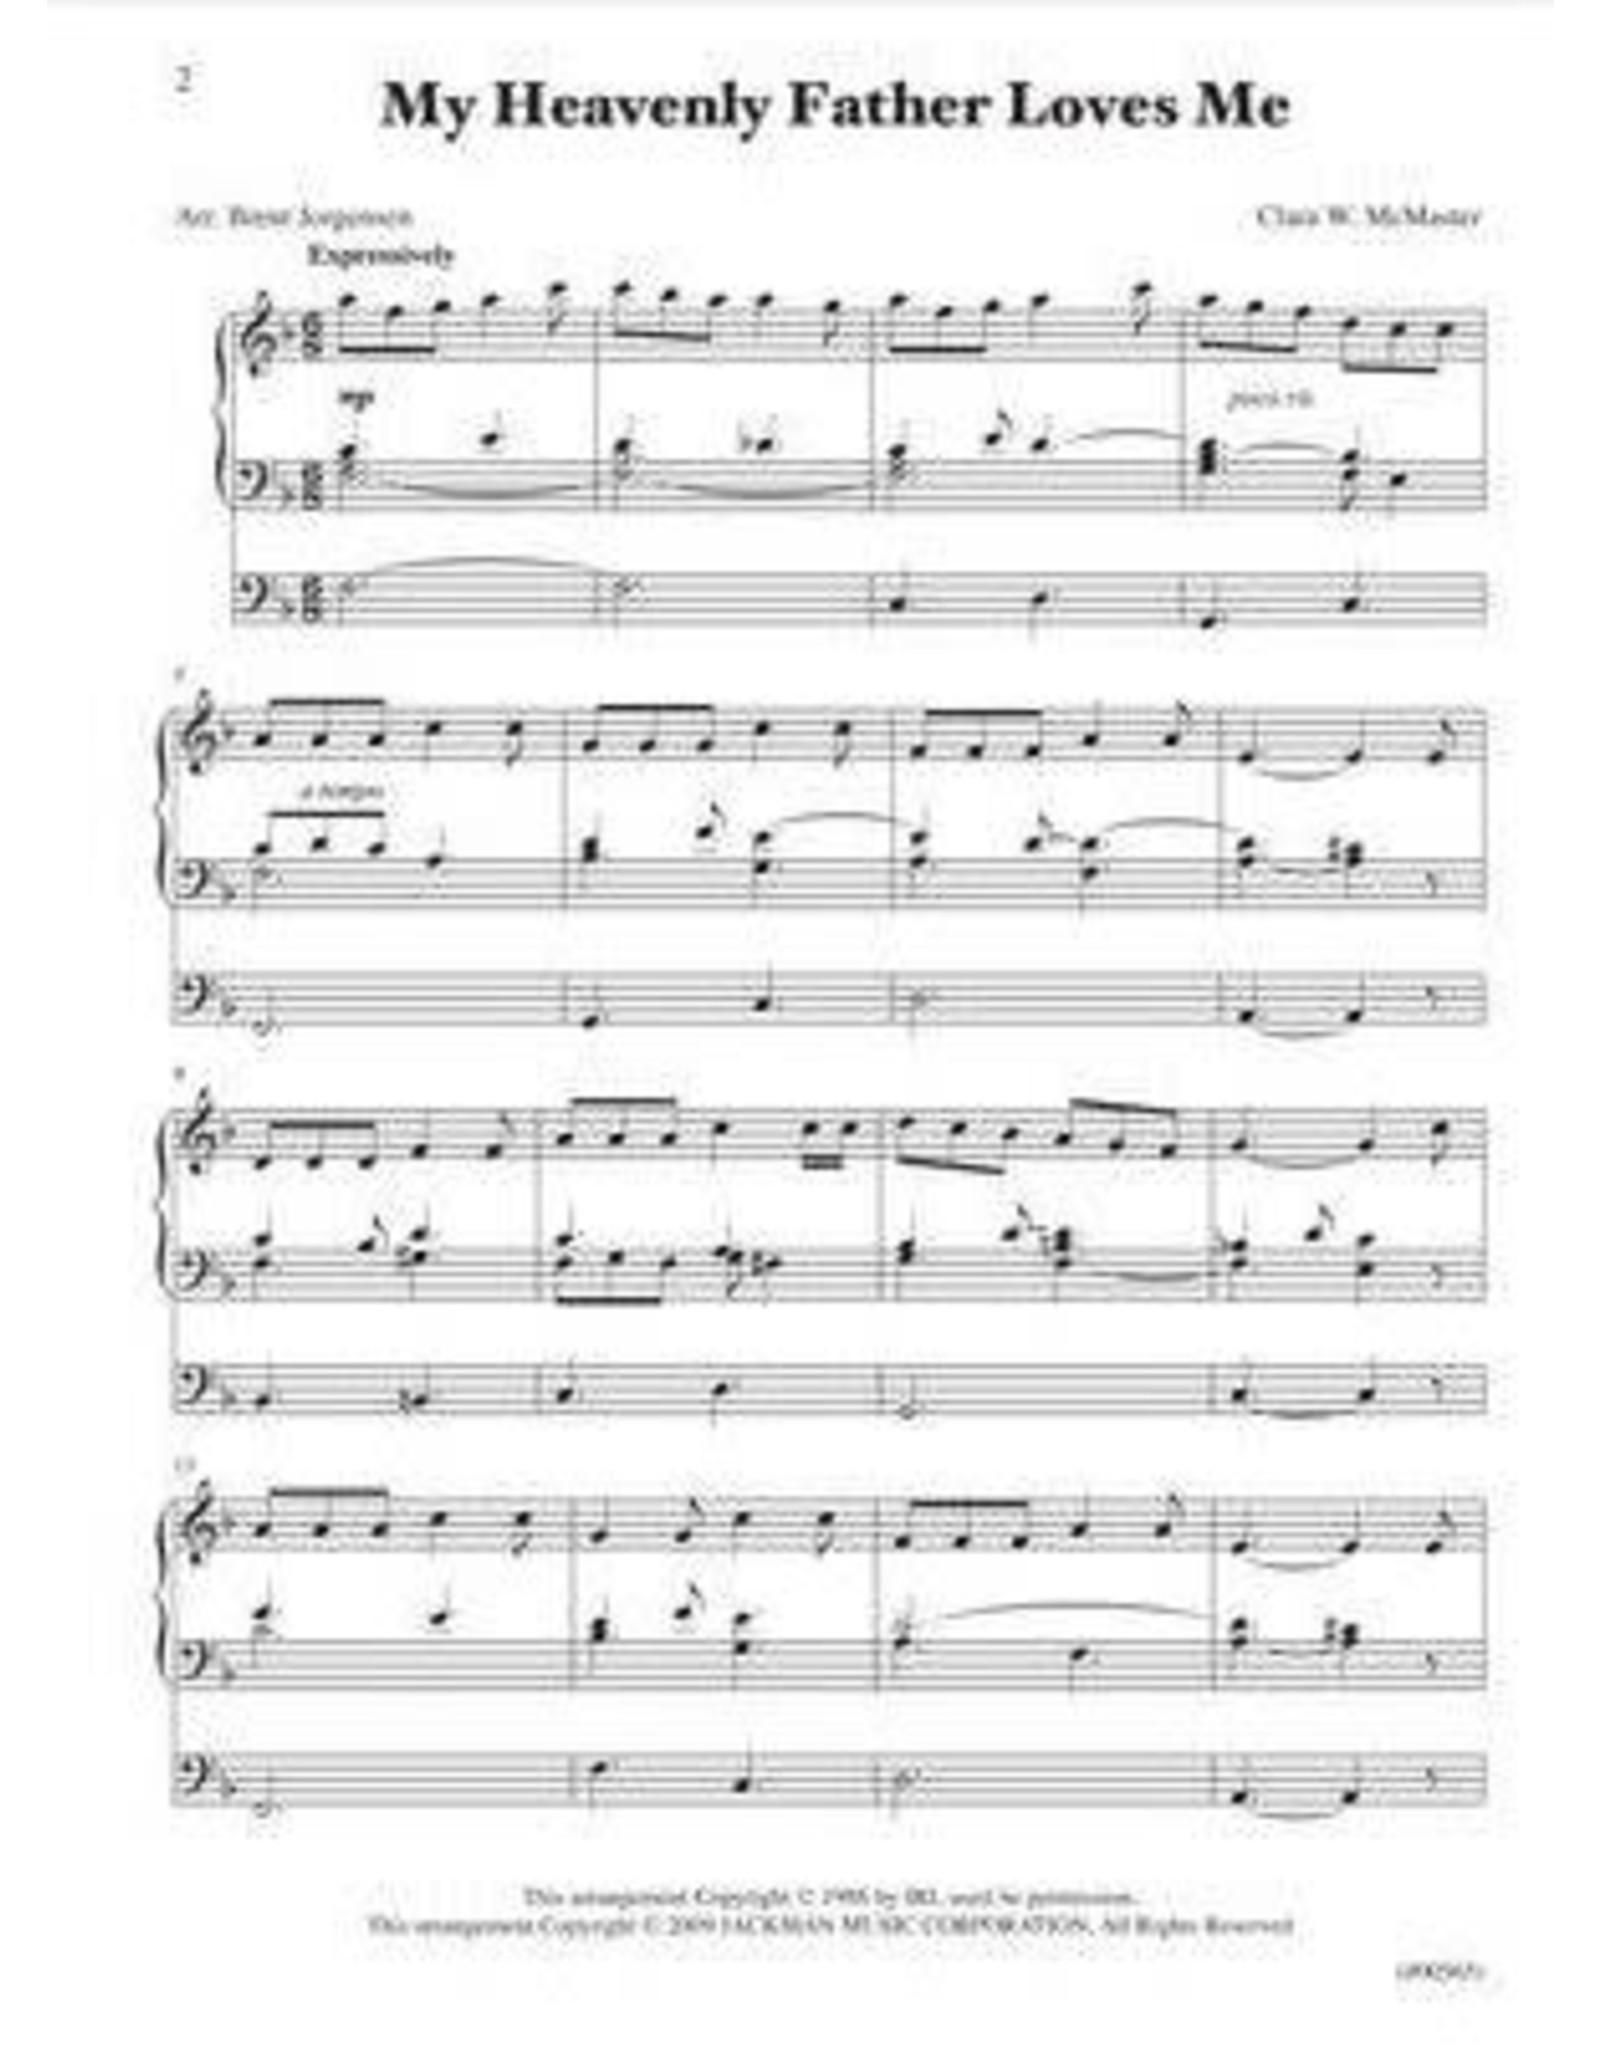 Jackman Music New Organist 9 arr. Brent Jorgensen